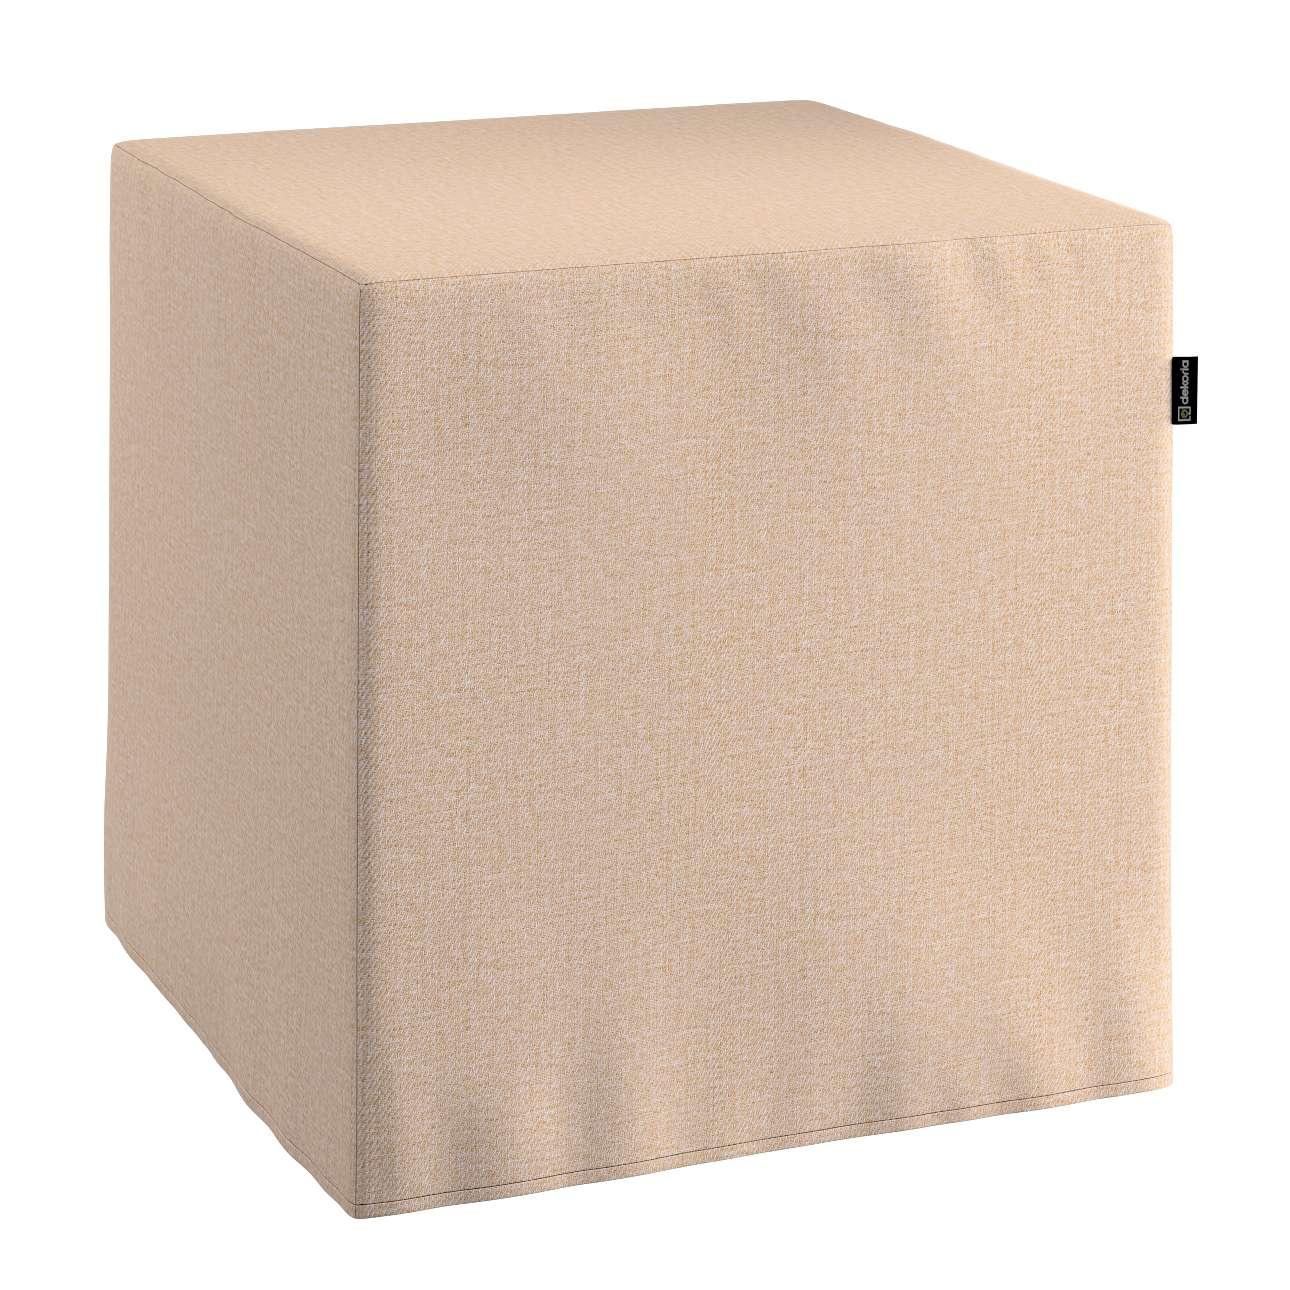 Bezug für Sitzwürfel Bezug für Sitzwürfel 40x40x40 cm von der Kollektion Edinburgh , Stoff: 115-78